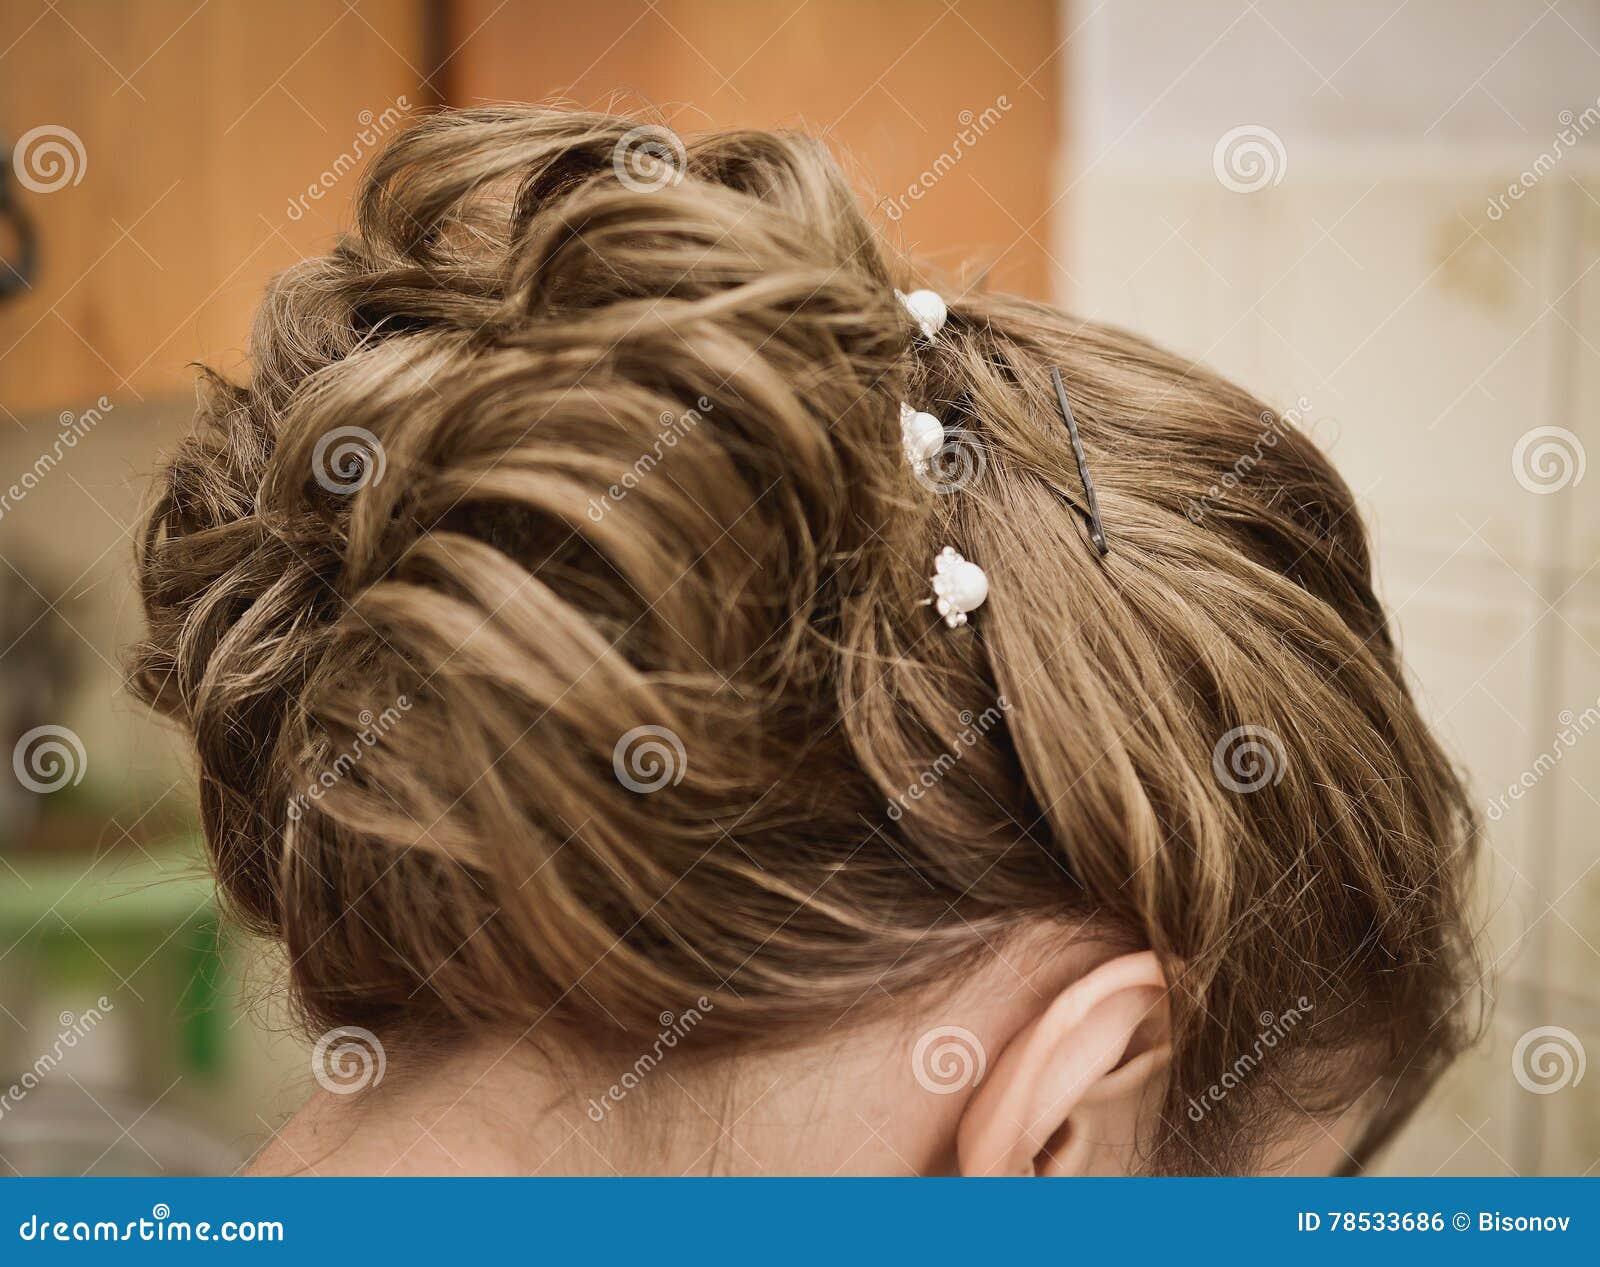 Weibliche Frisur Für Die Hochzeit Stockfoto - Bild von frisur